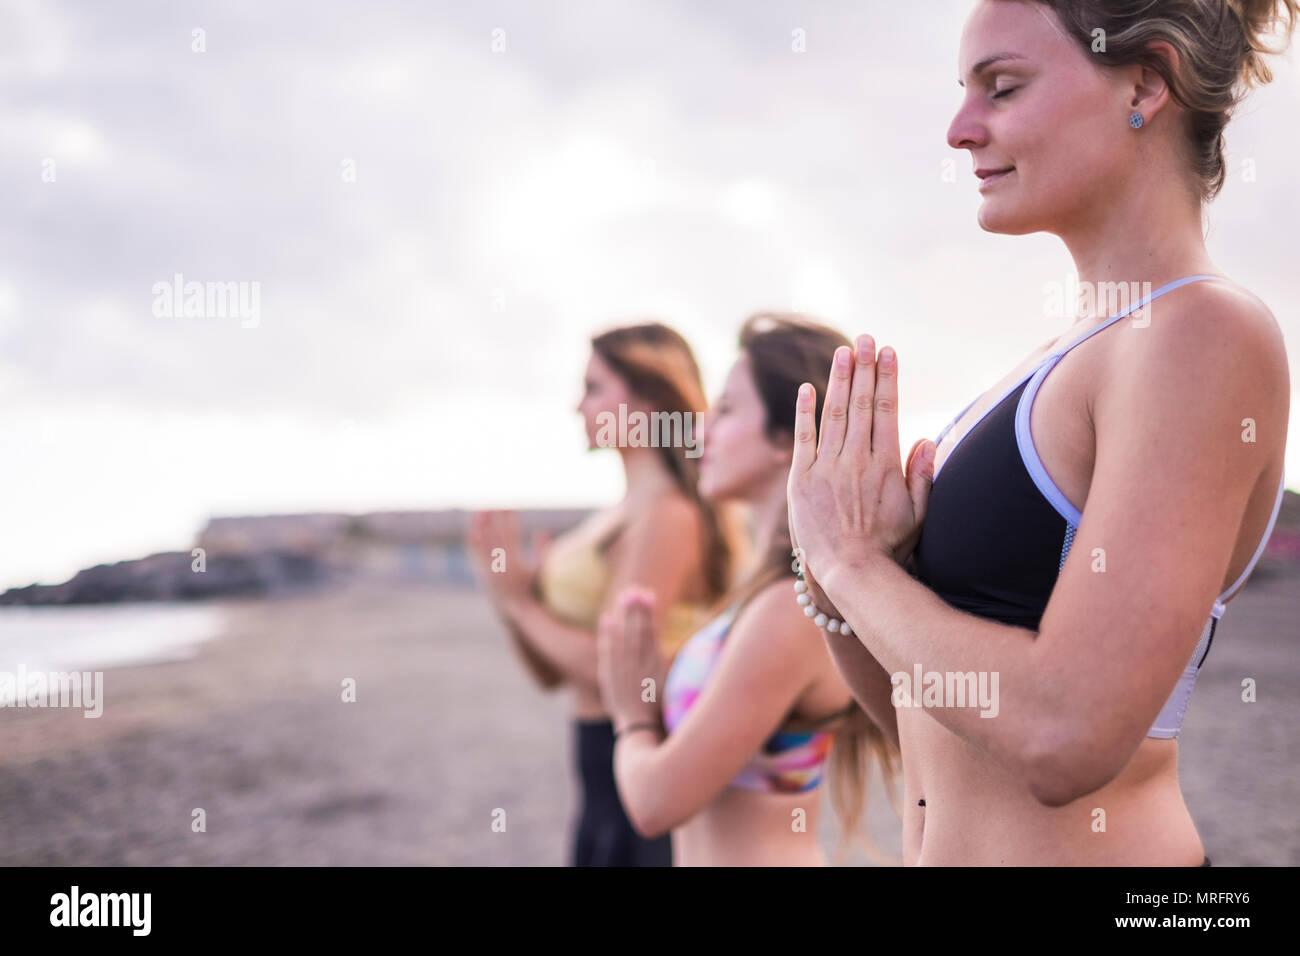 Tre belle caucasici giovani donne fare yoga fitness pilates in piedi in equilibrio alla spiaggia. outdoor le attività per il tempo libero per gli amici avendo cura Immagini Stock